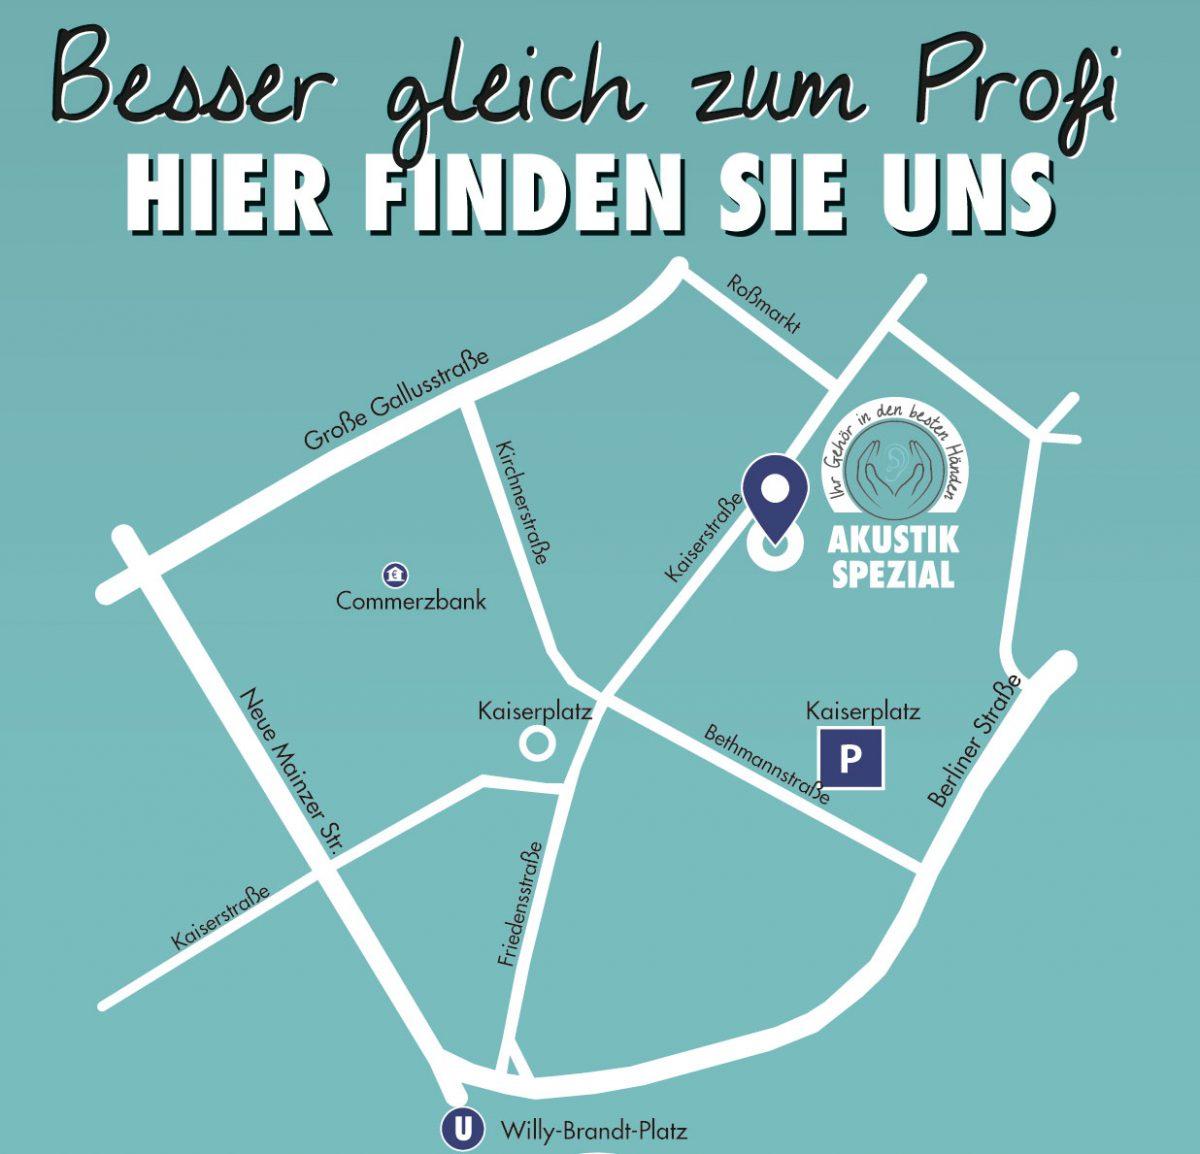 Eroeffnung-Filiale-Frankfurt-Akustik-Spezial